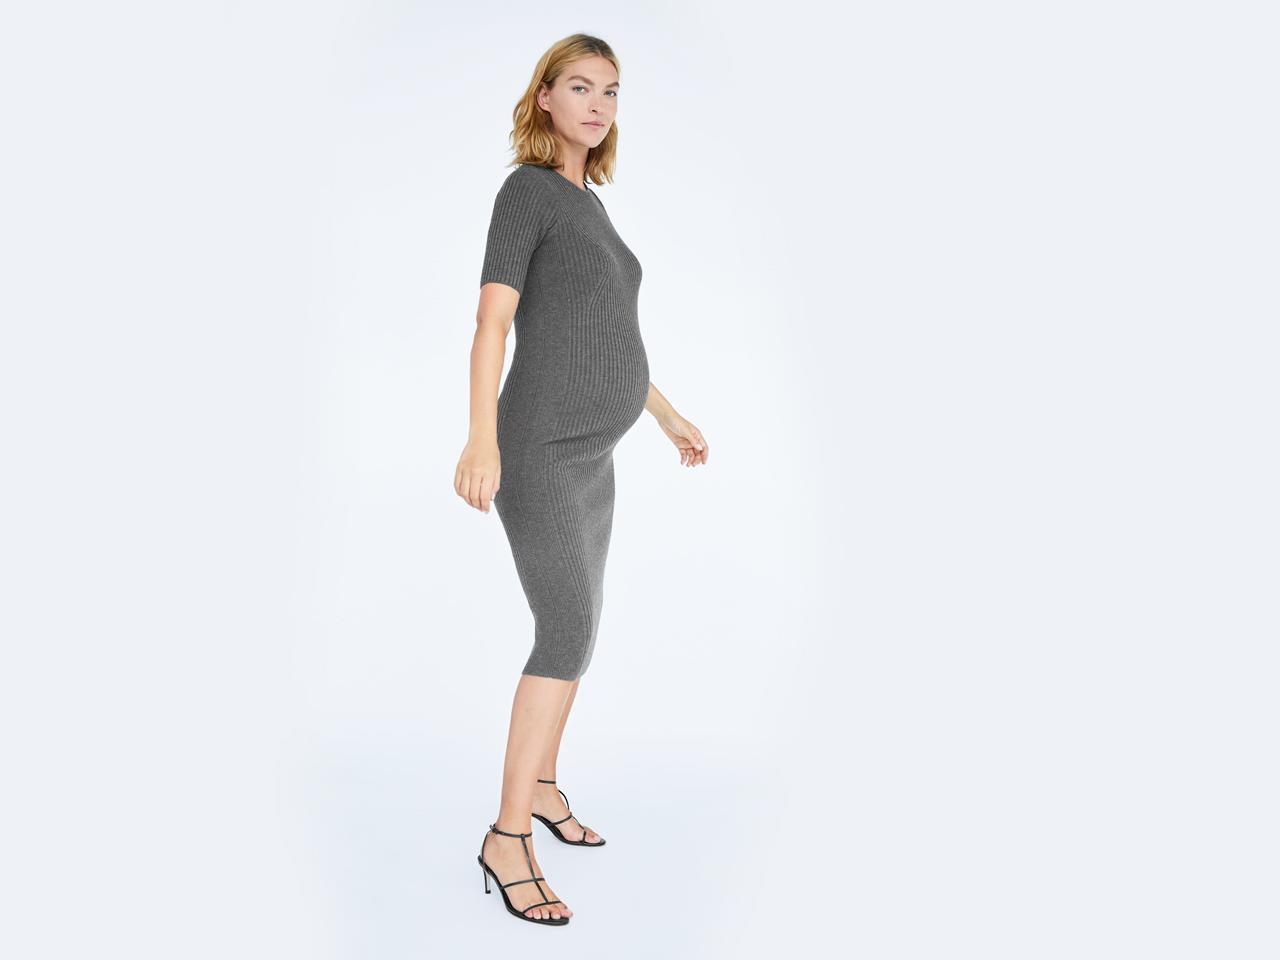 gran venta cda2b 3b72f Meghan Markle está embarazada y Zara tiene una colección ...